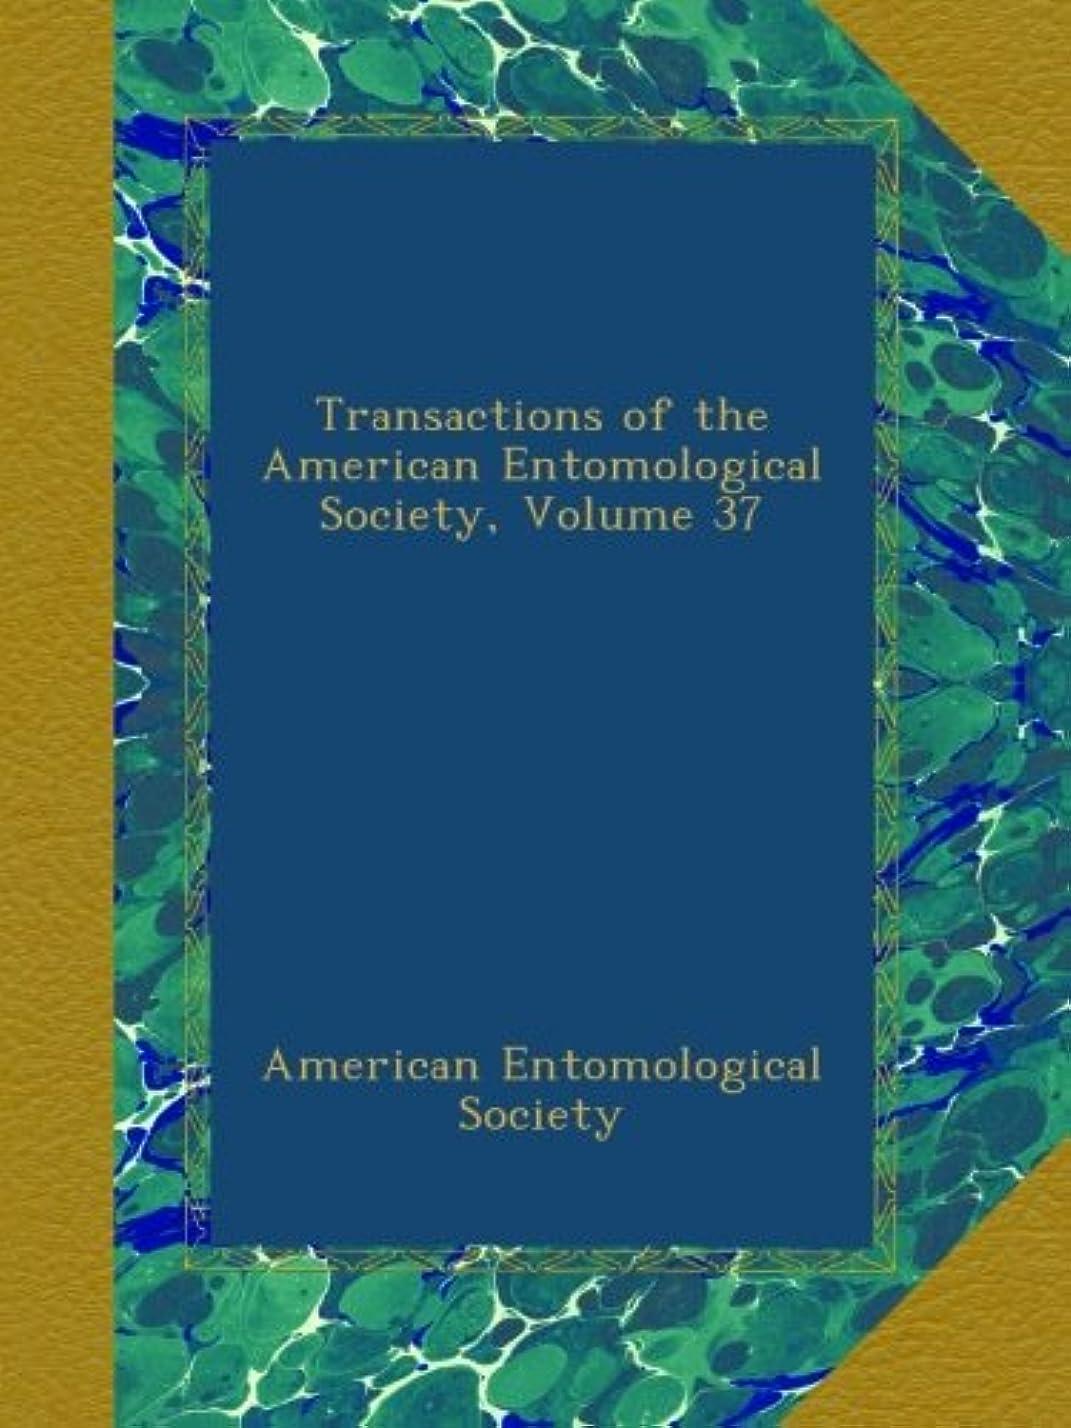 虐殺不完全な絶滅Transactions of the American Entomological Society, Volume 37